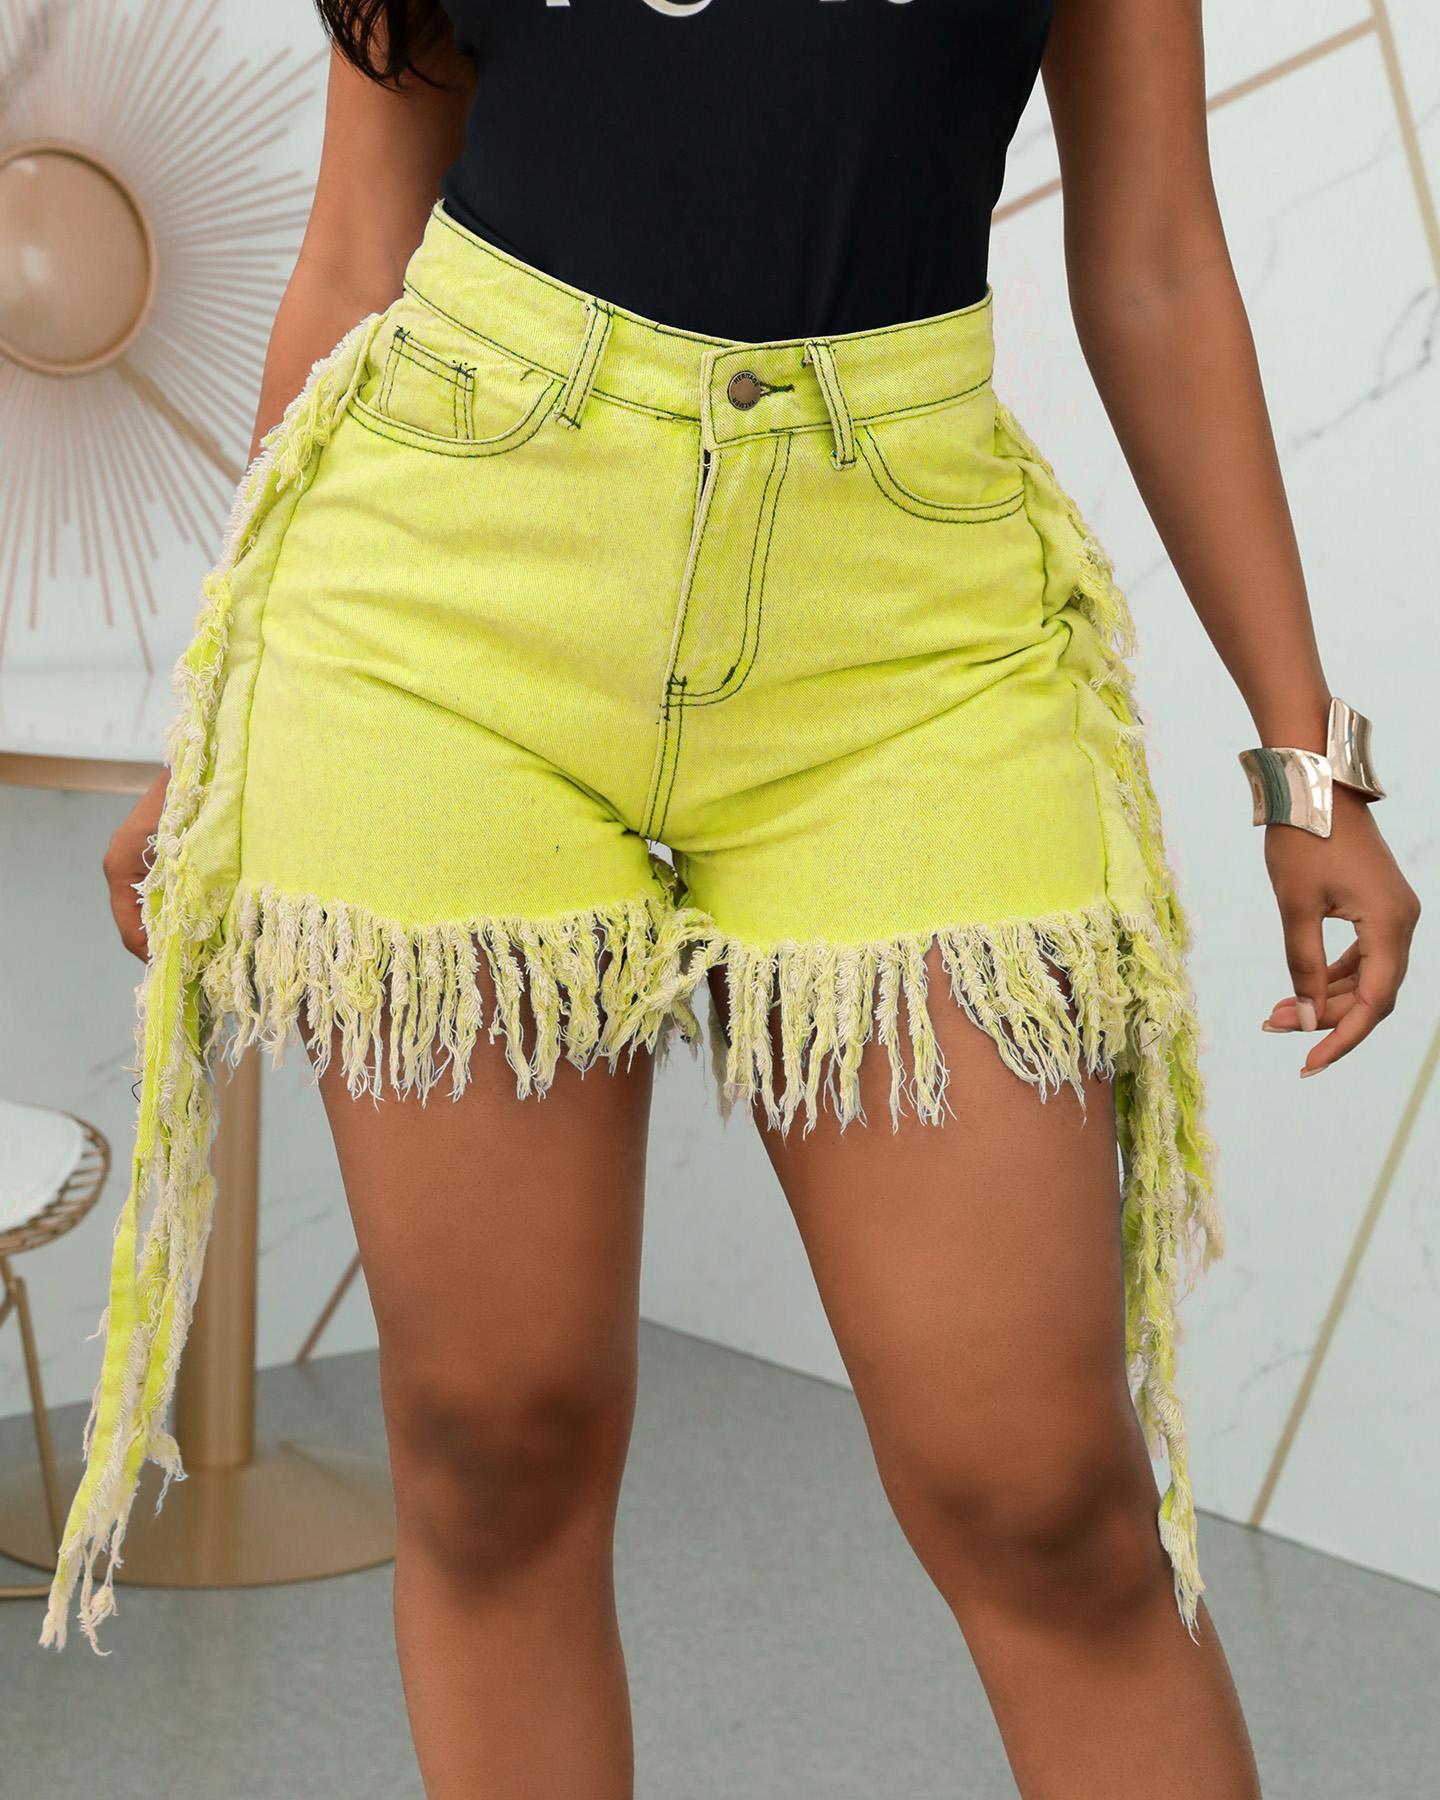 boutiquefeel / Shorts de mezclilla con borlas y bolsillo de cintura alta